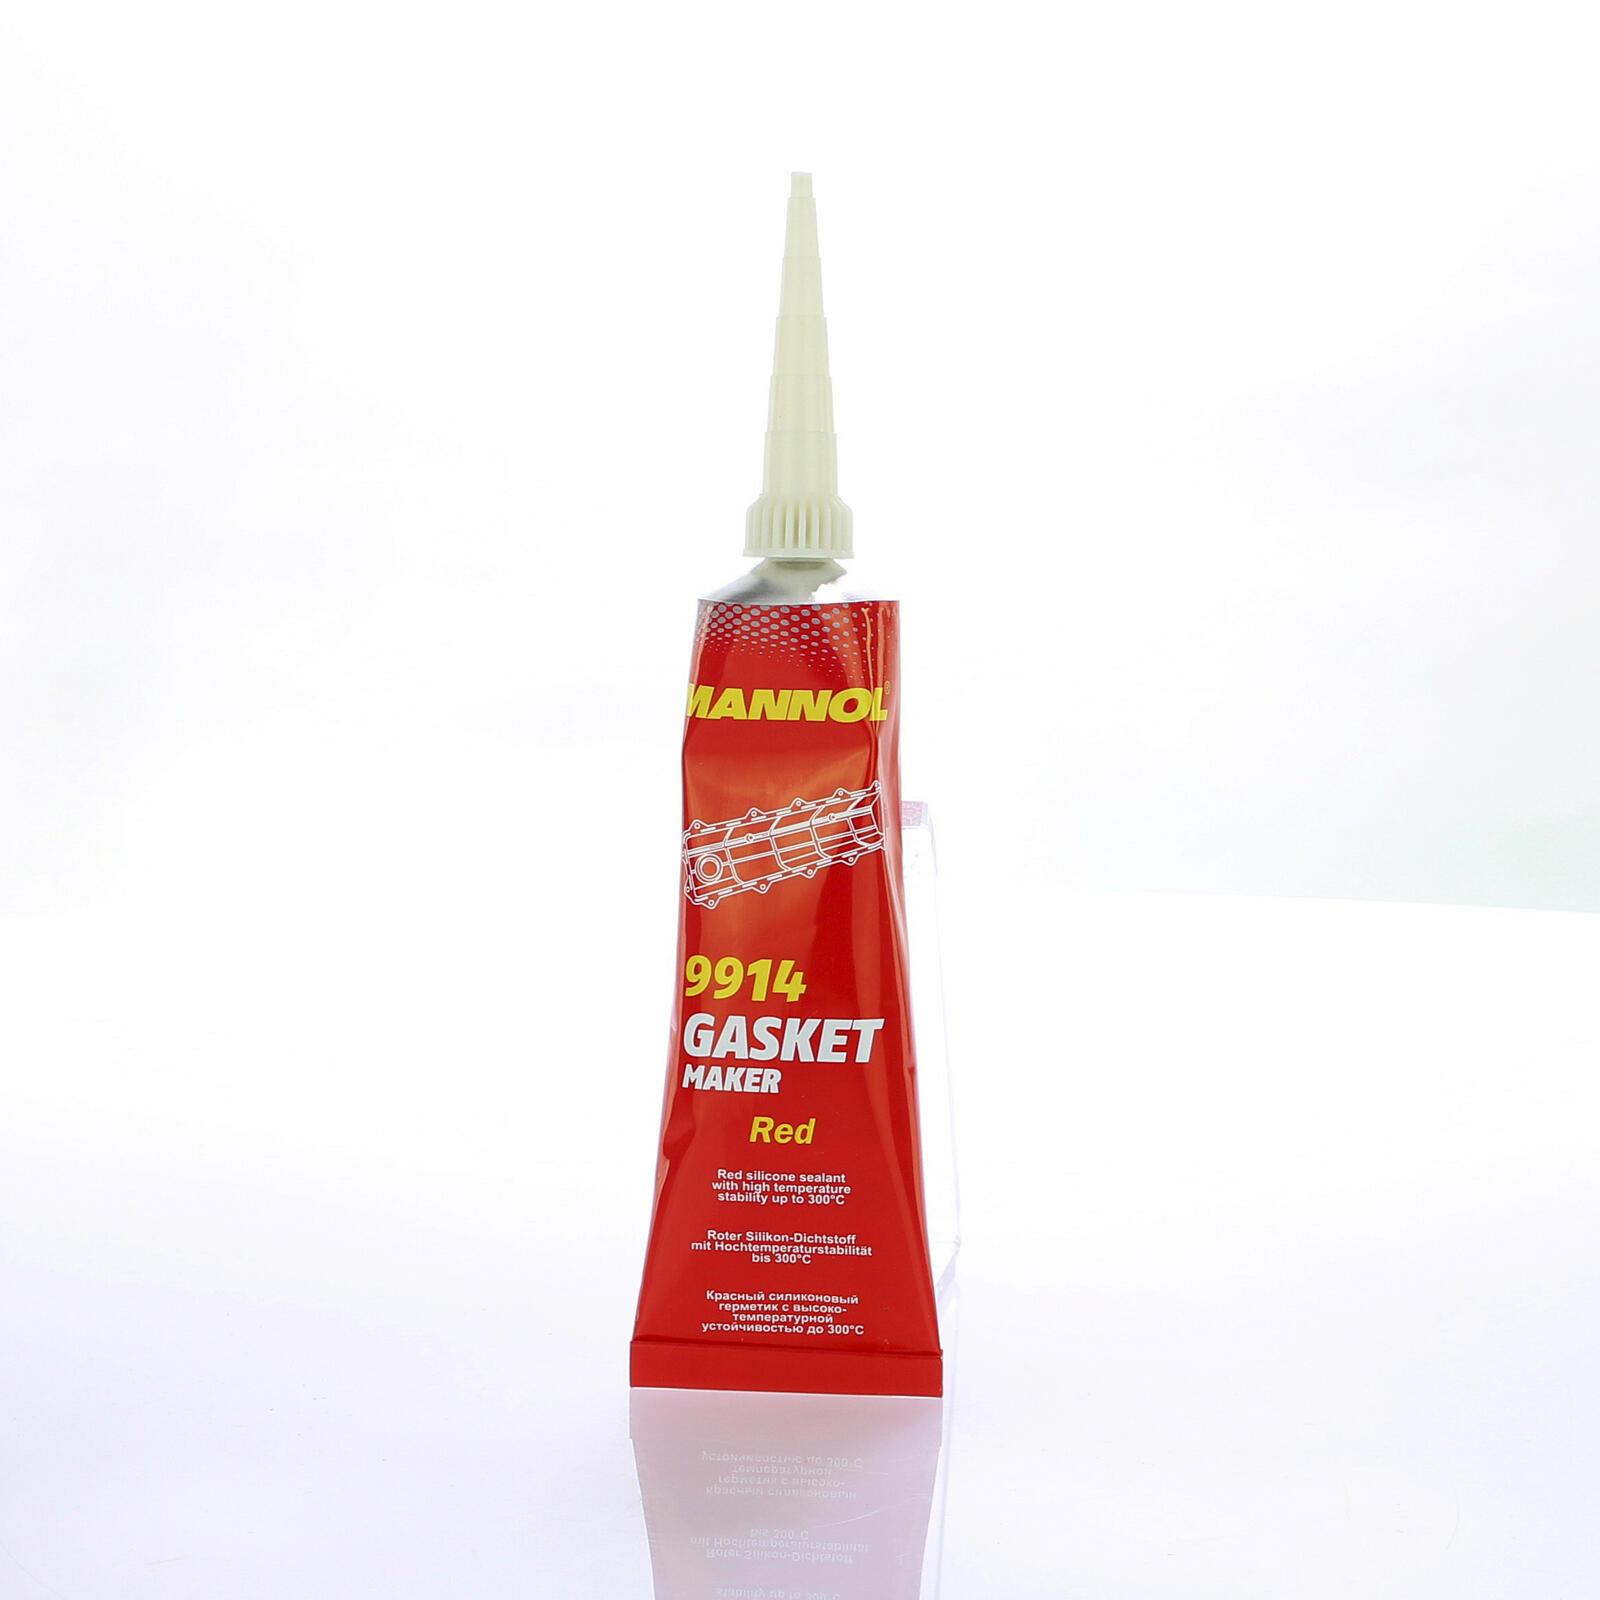 Mannol Gasket Maker Red 85g Dichtungsmittel für Öl & Getriebeölwannen